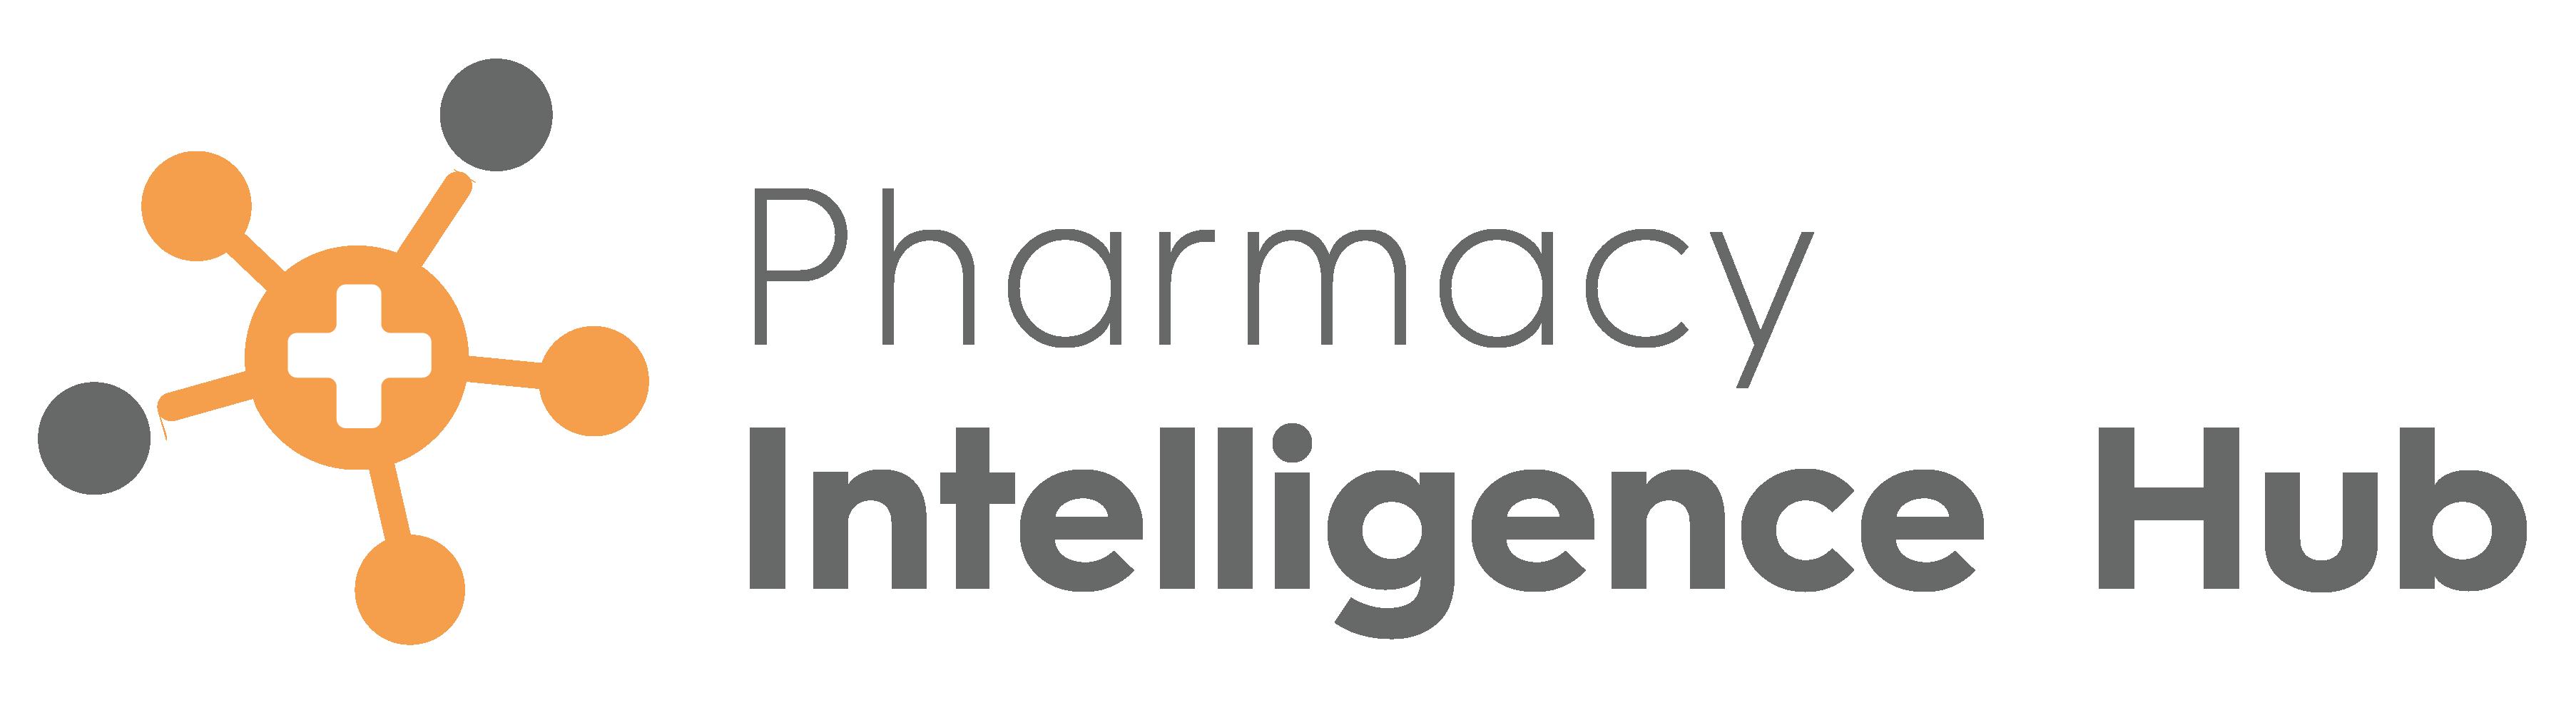 CHS_Pharmacy Intelligence Hub logo